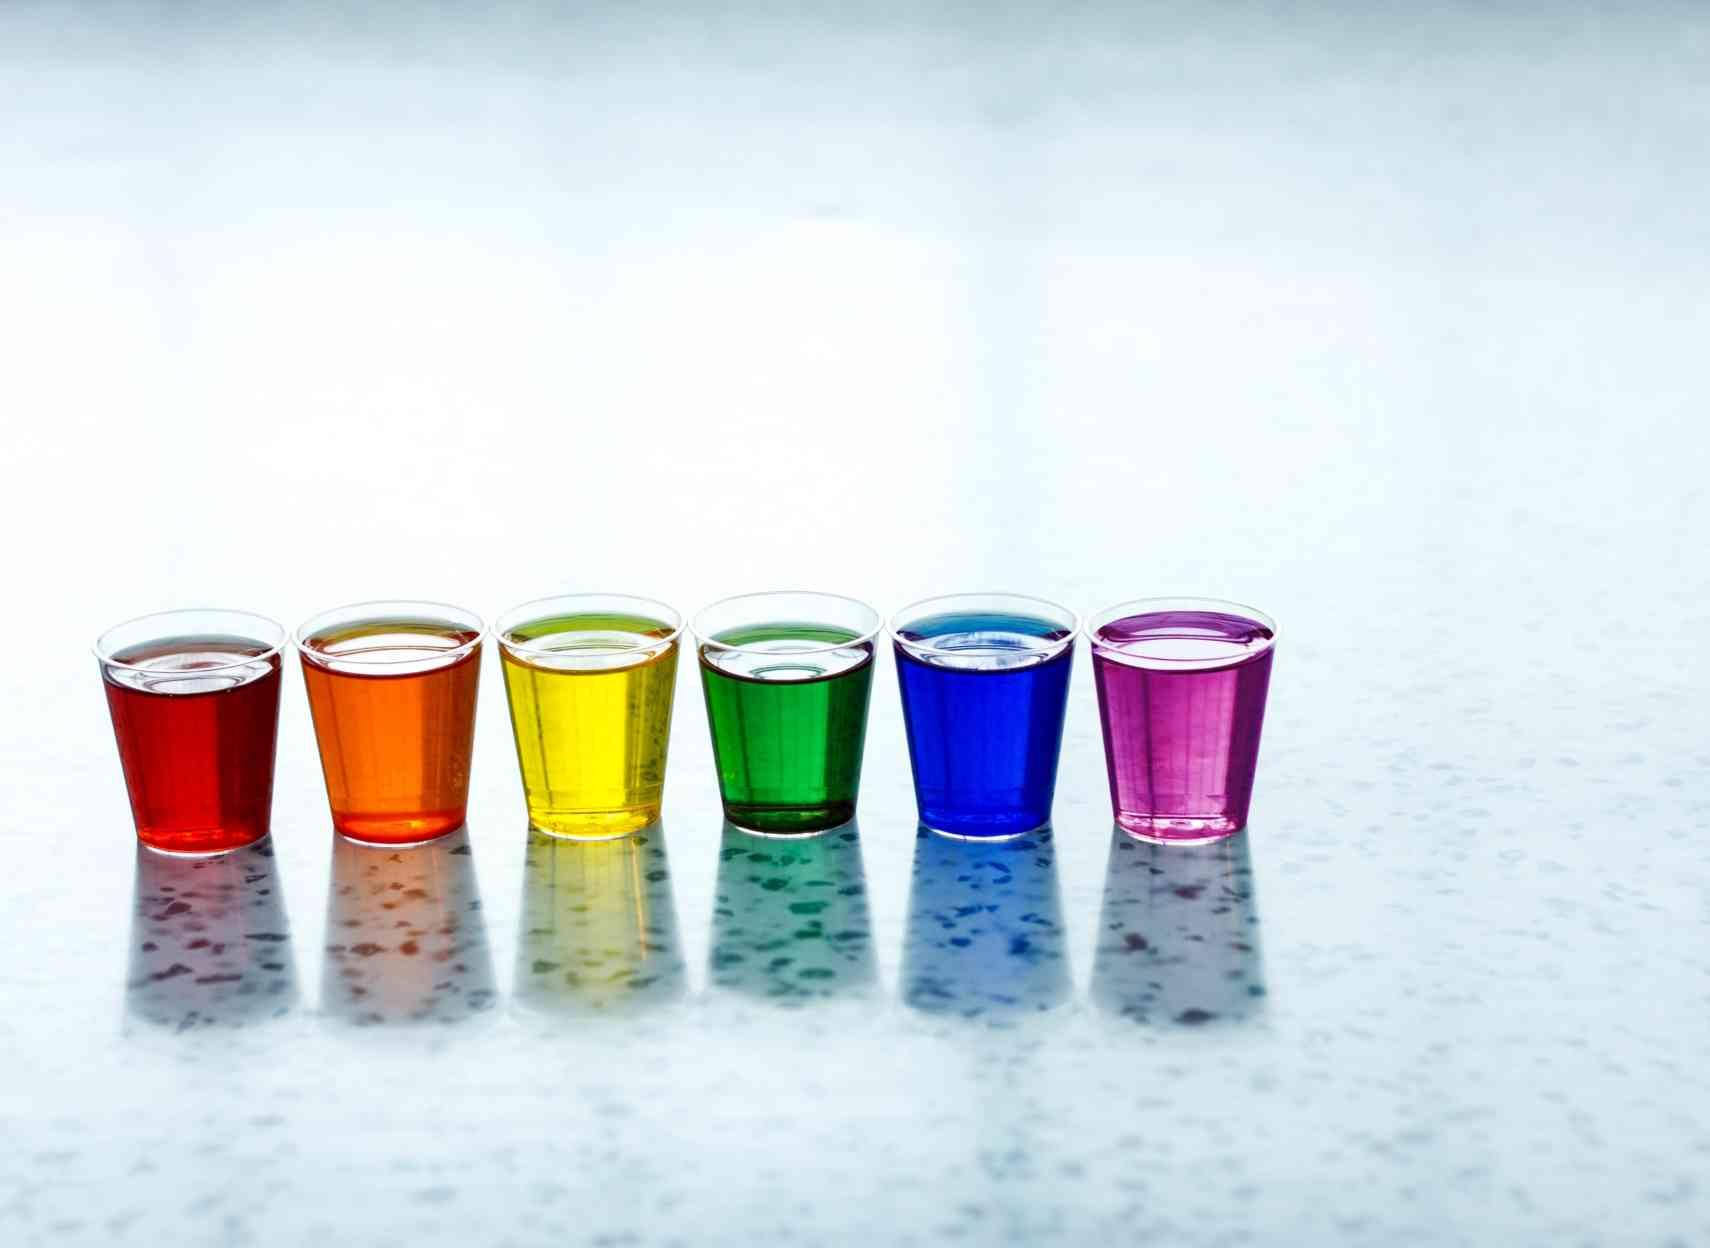 Le binge drinkingqui consiste à boire beaucoup en peu de temps dans le but d'être saoul le plus vite possible touche principalement les jeunes de 18 à 25 ans